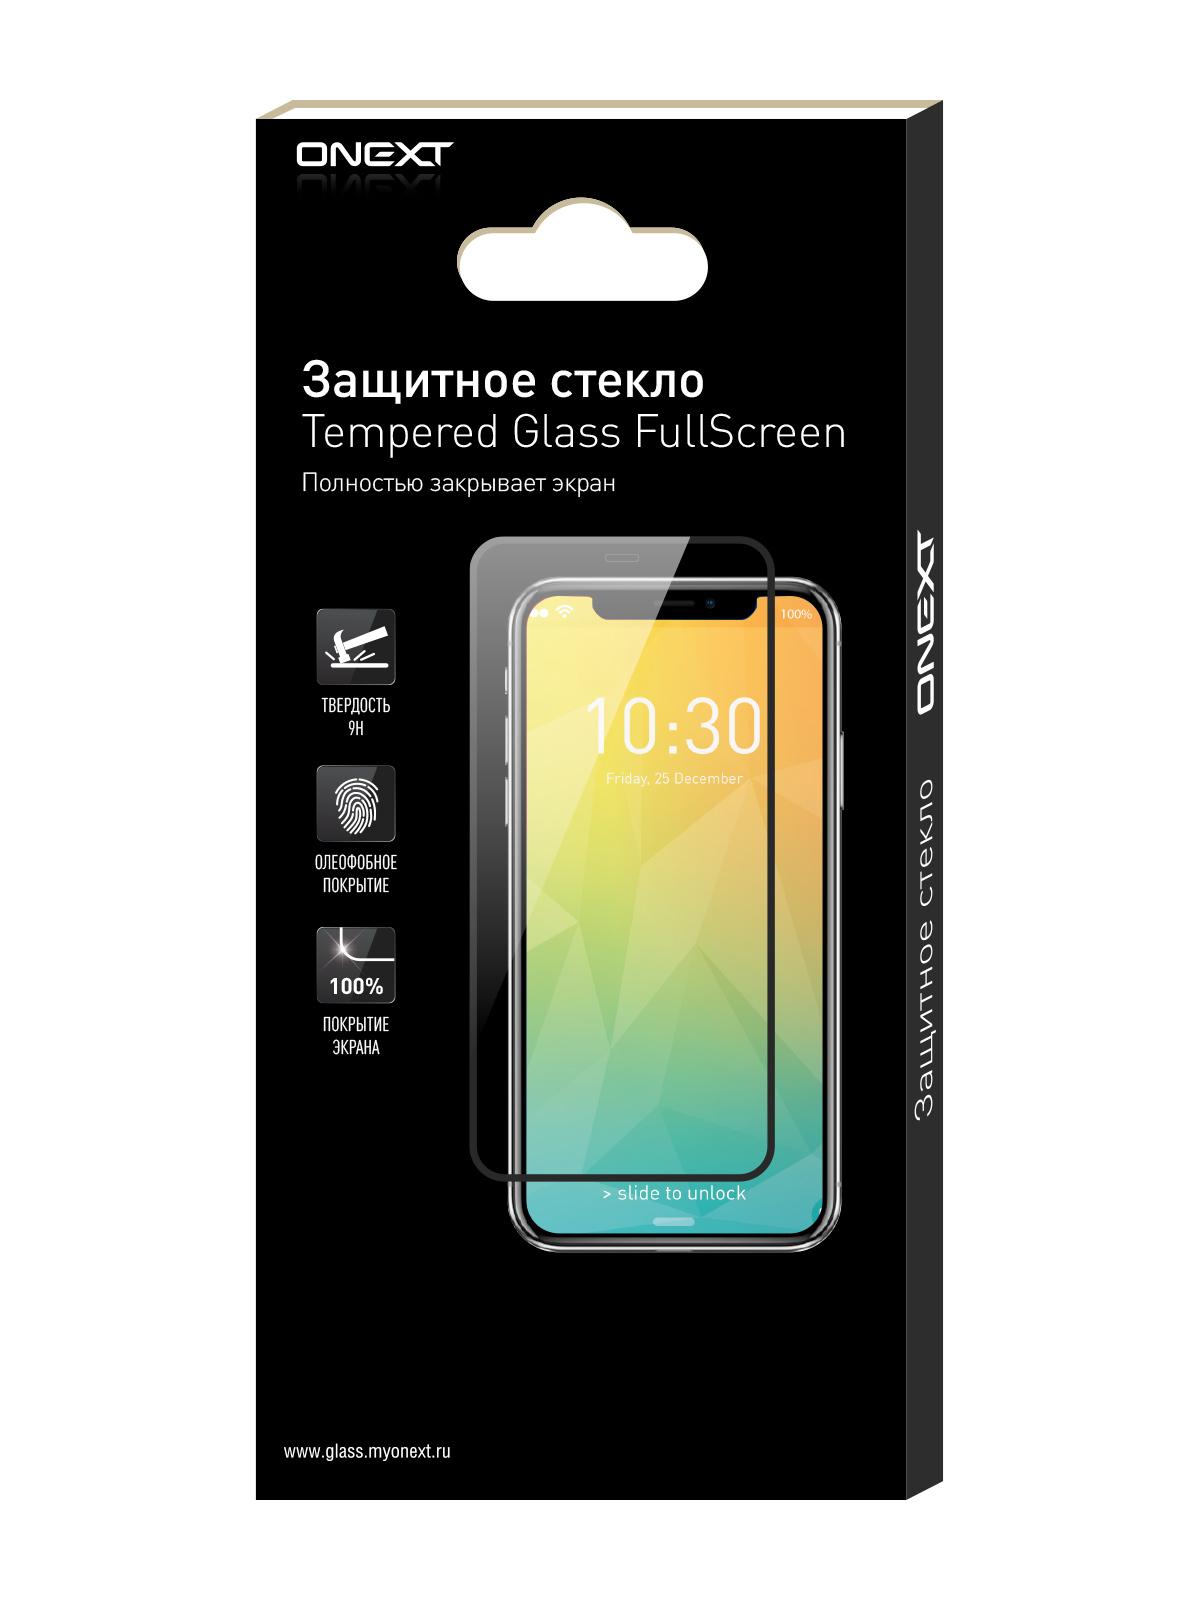 Защитное стекло ONEXT для Samsung Galaxy J5 (2017) Gold